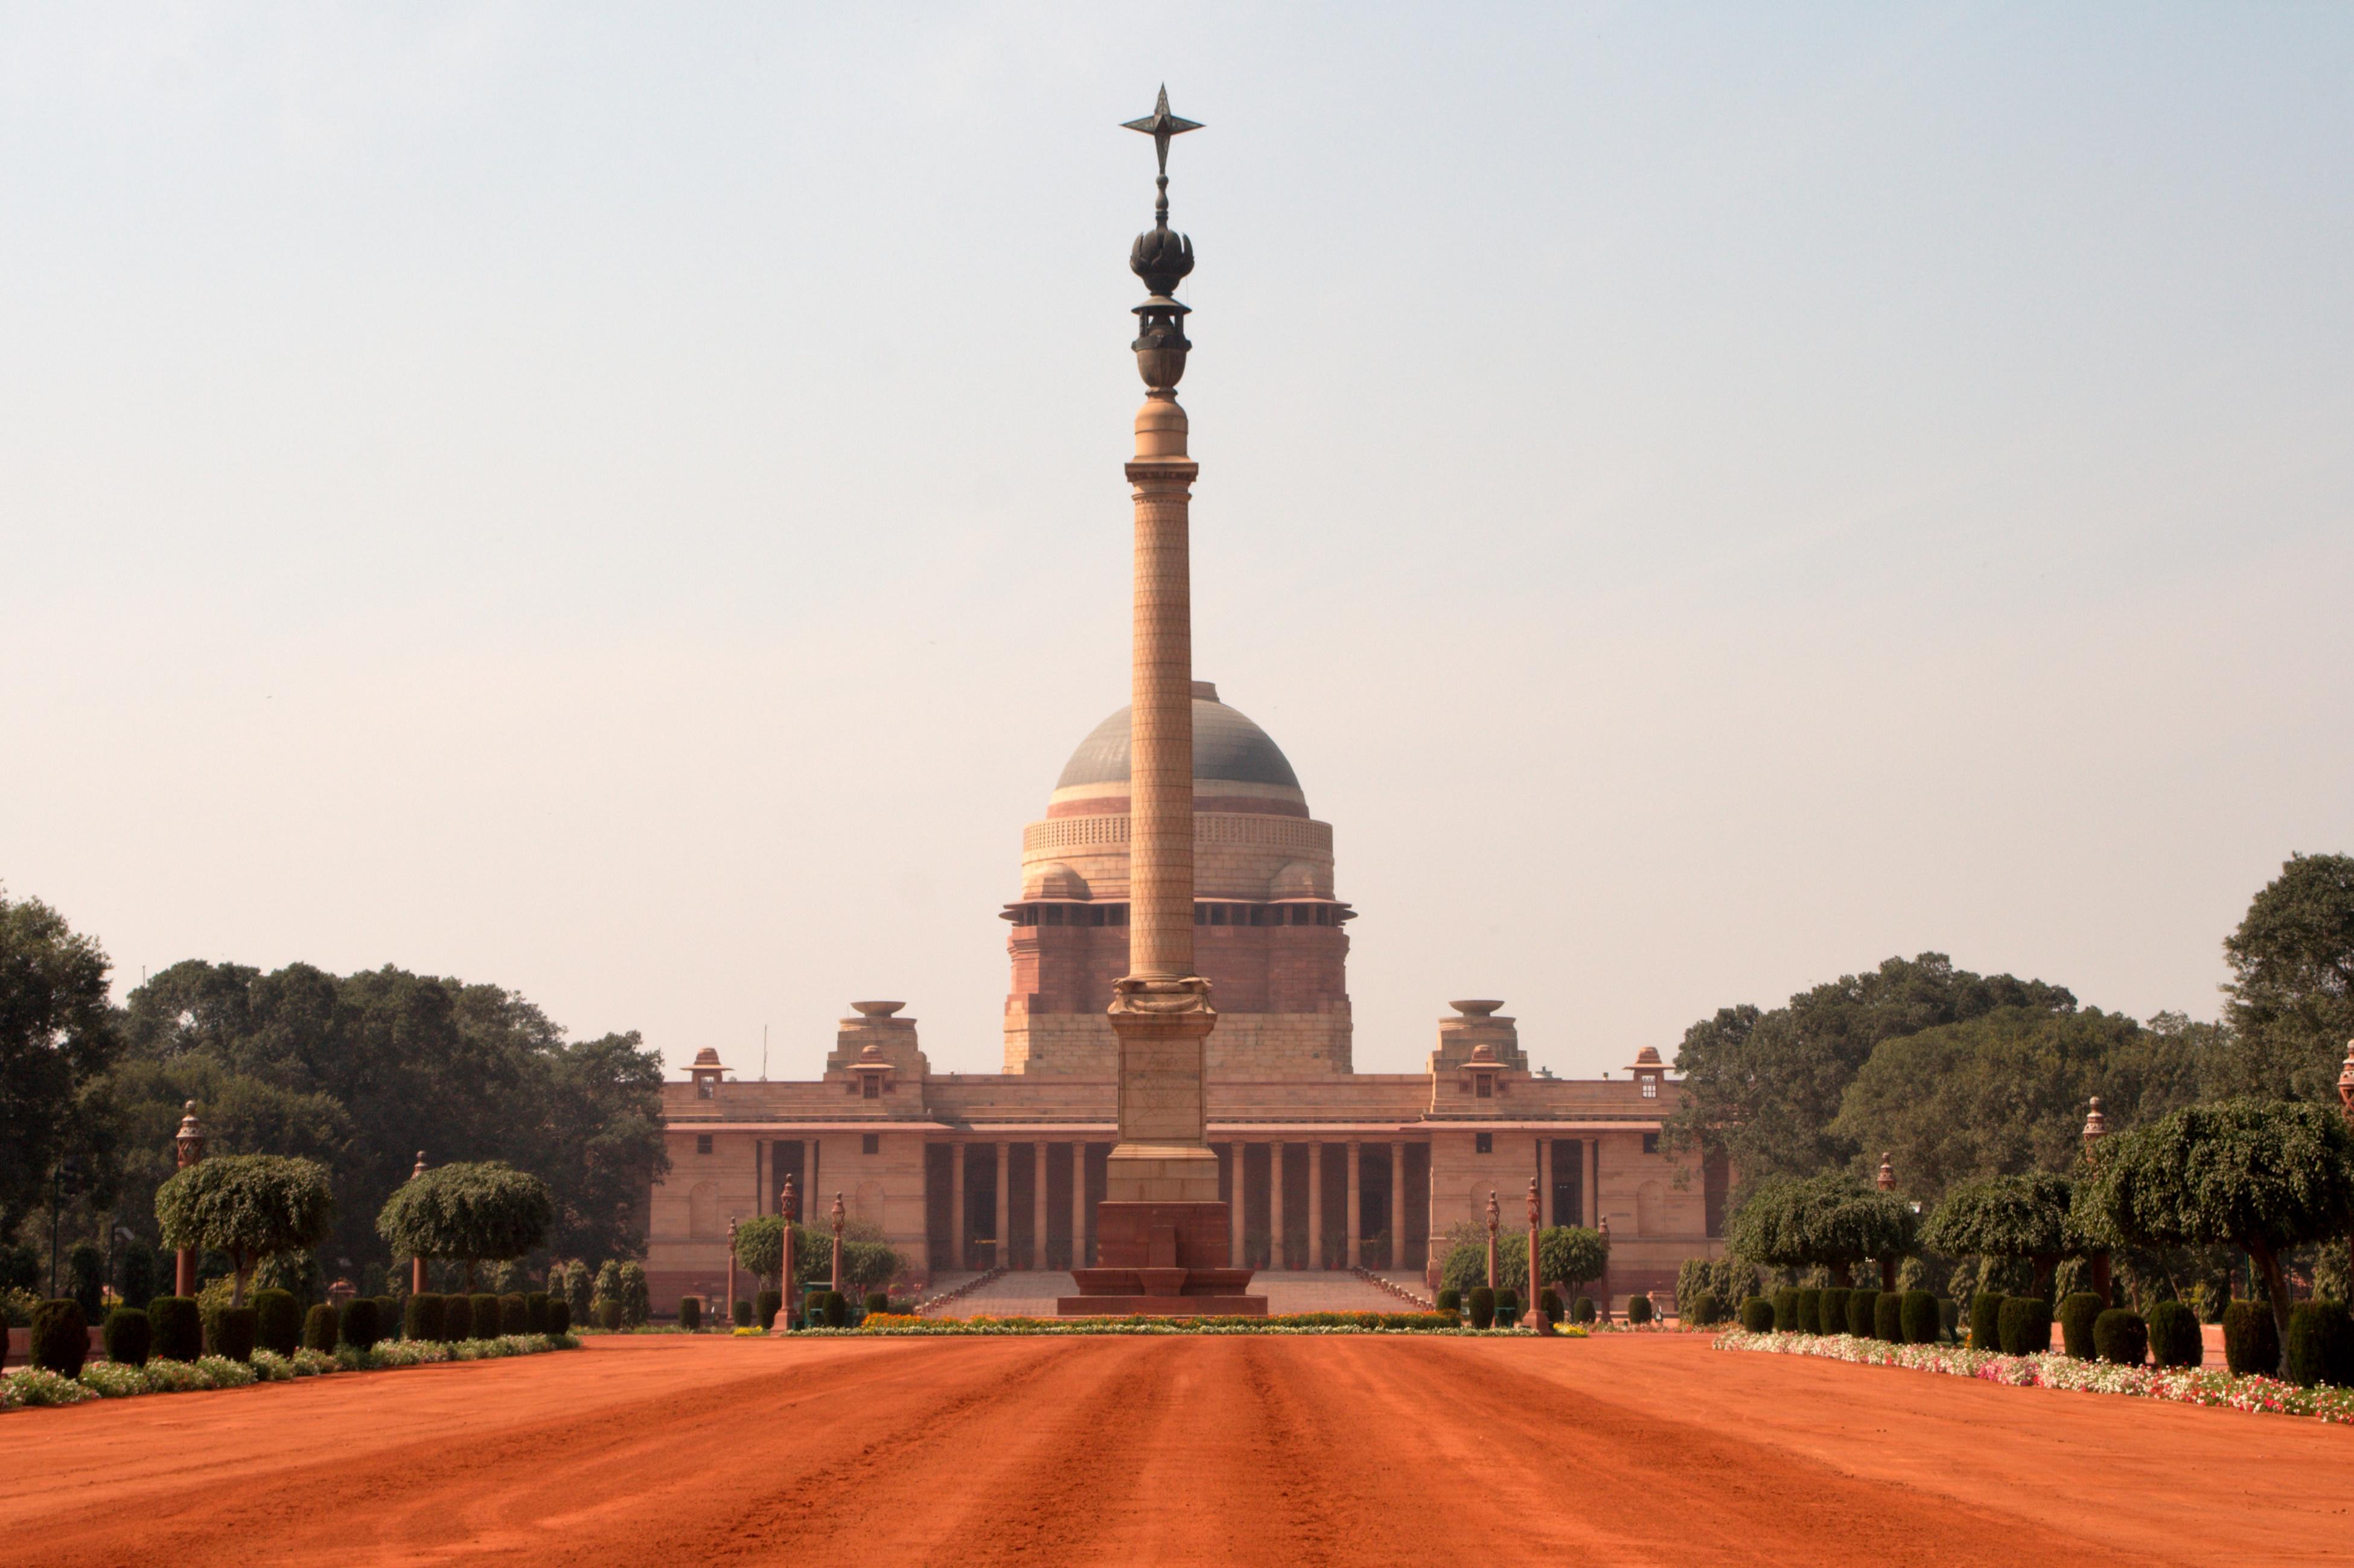 The Famous Jaipur Coloumn